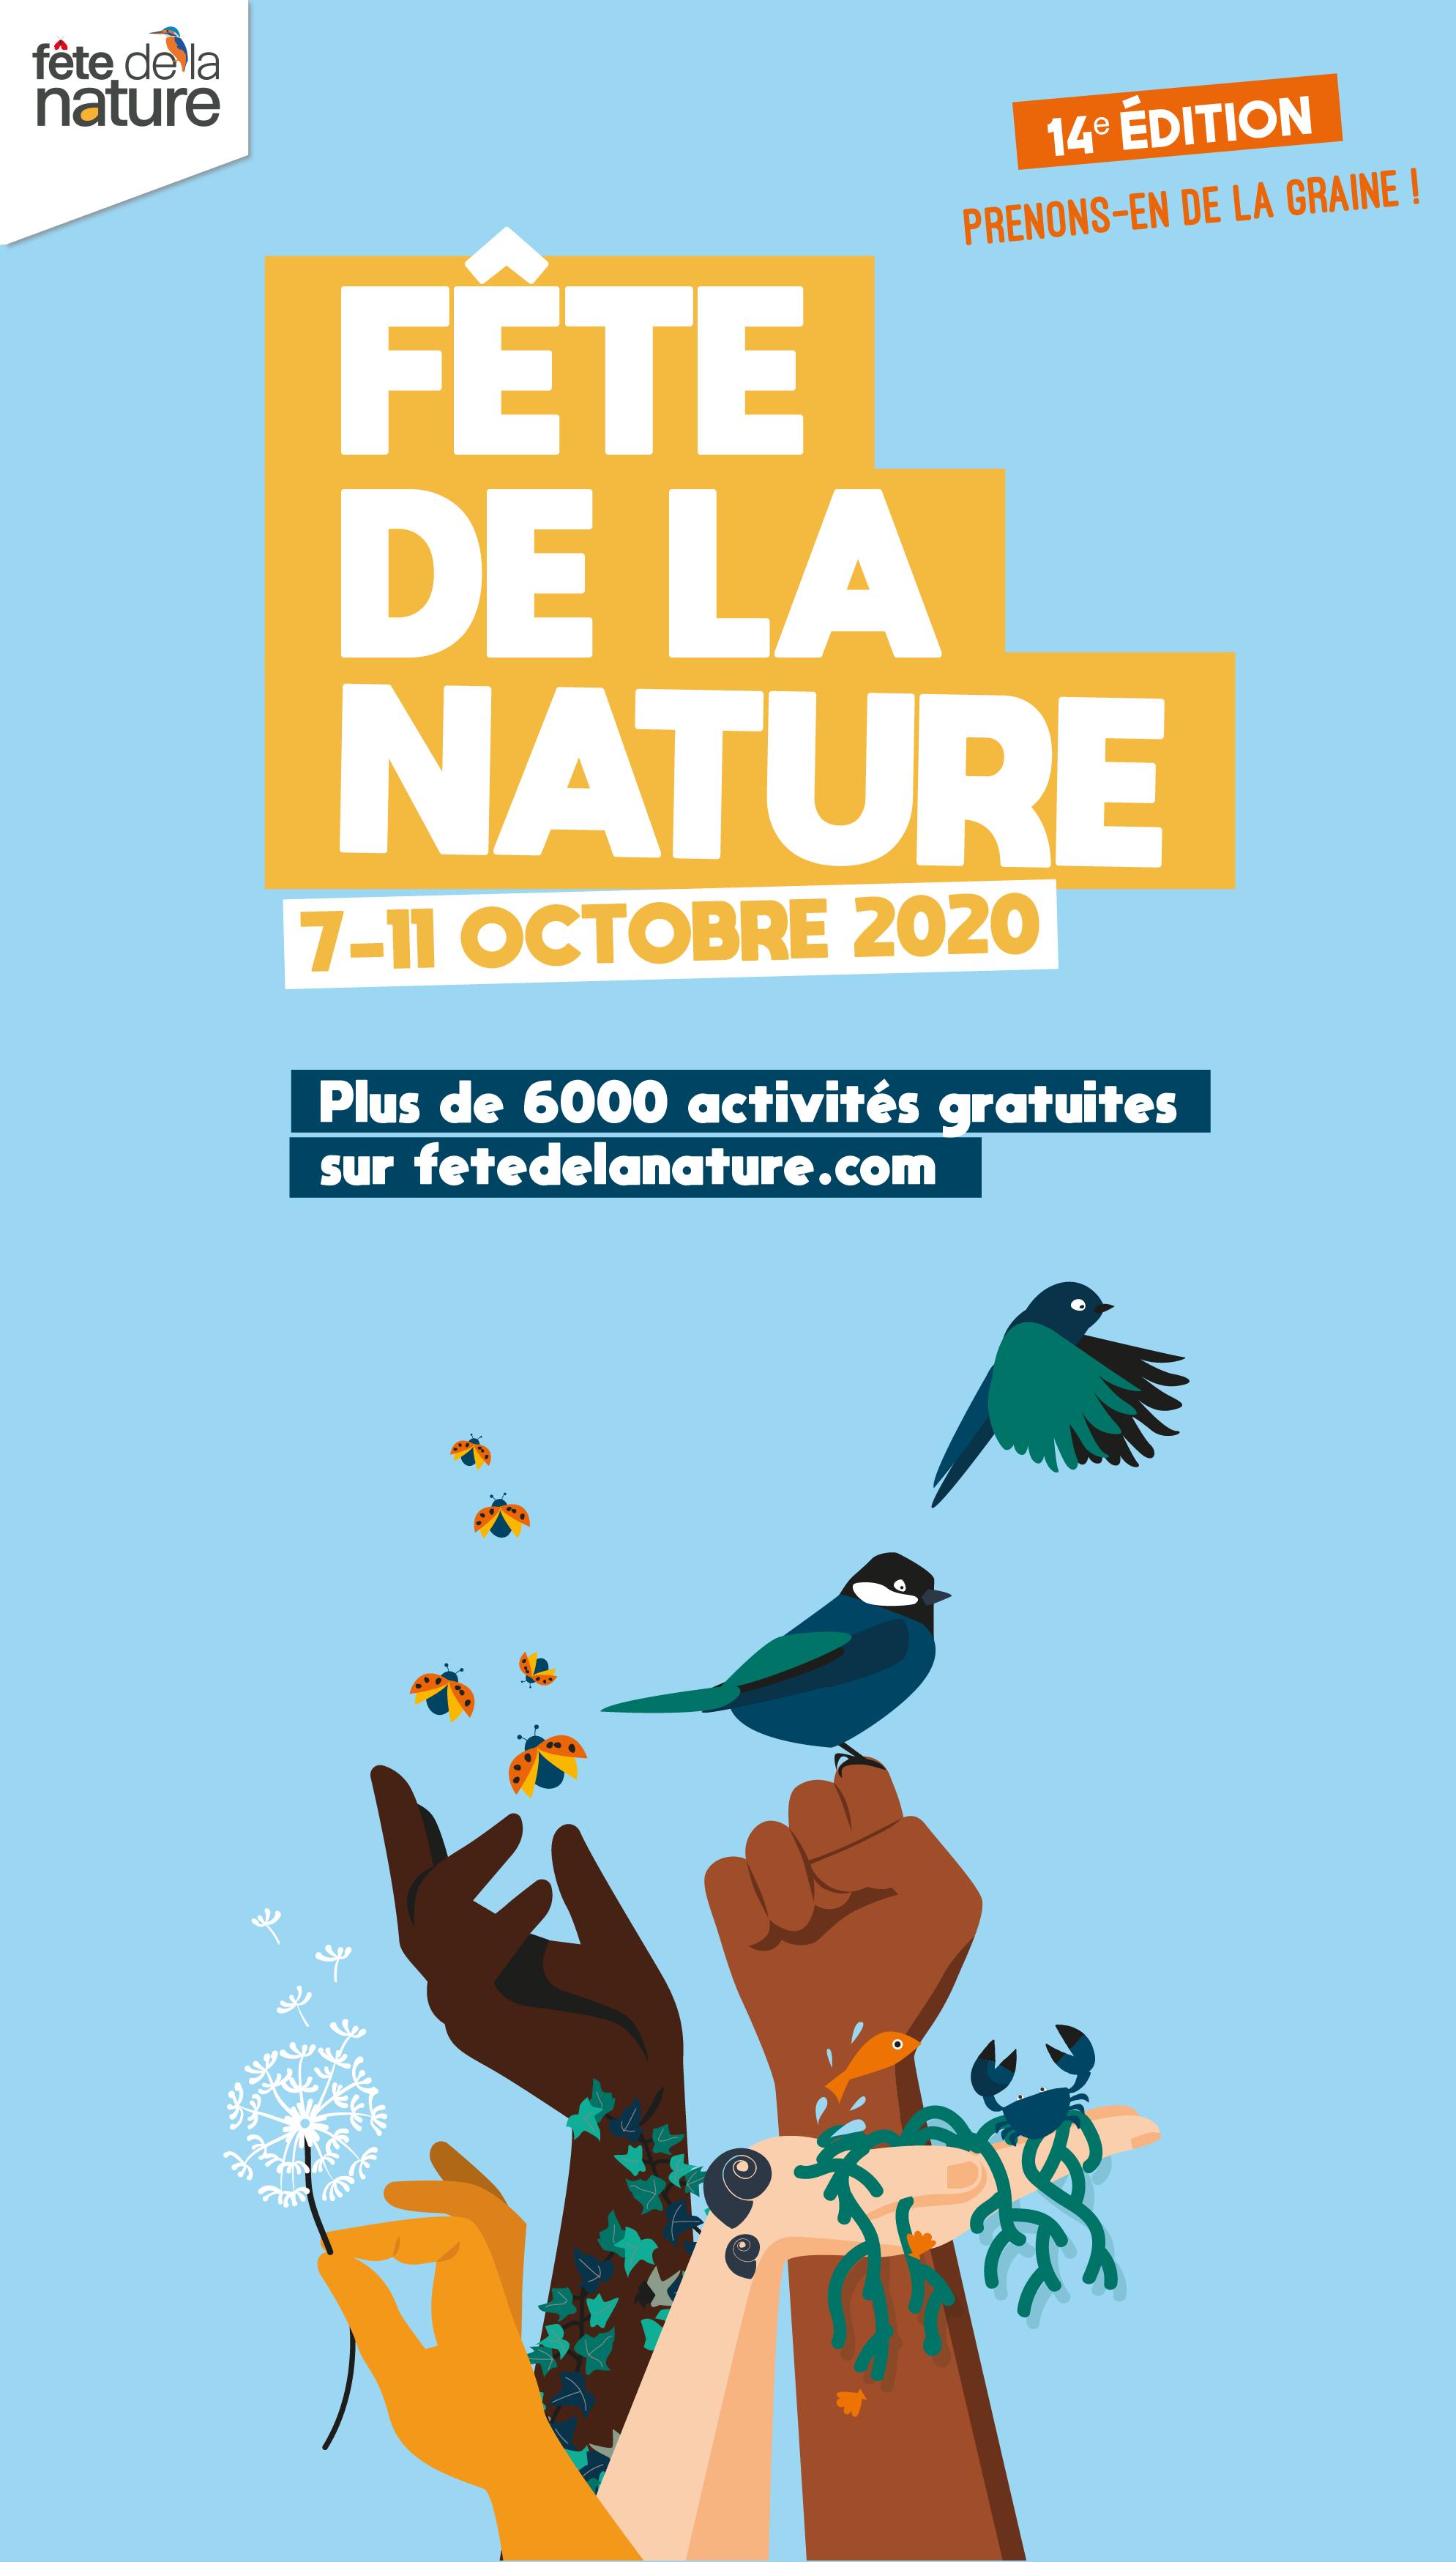 Fête de la Nature 2020 à Marialles